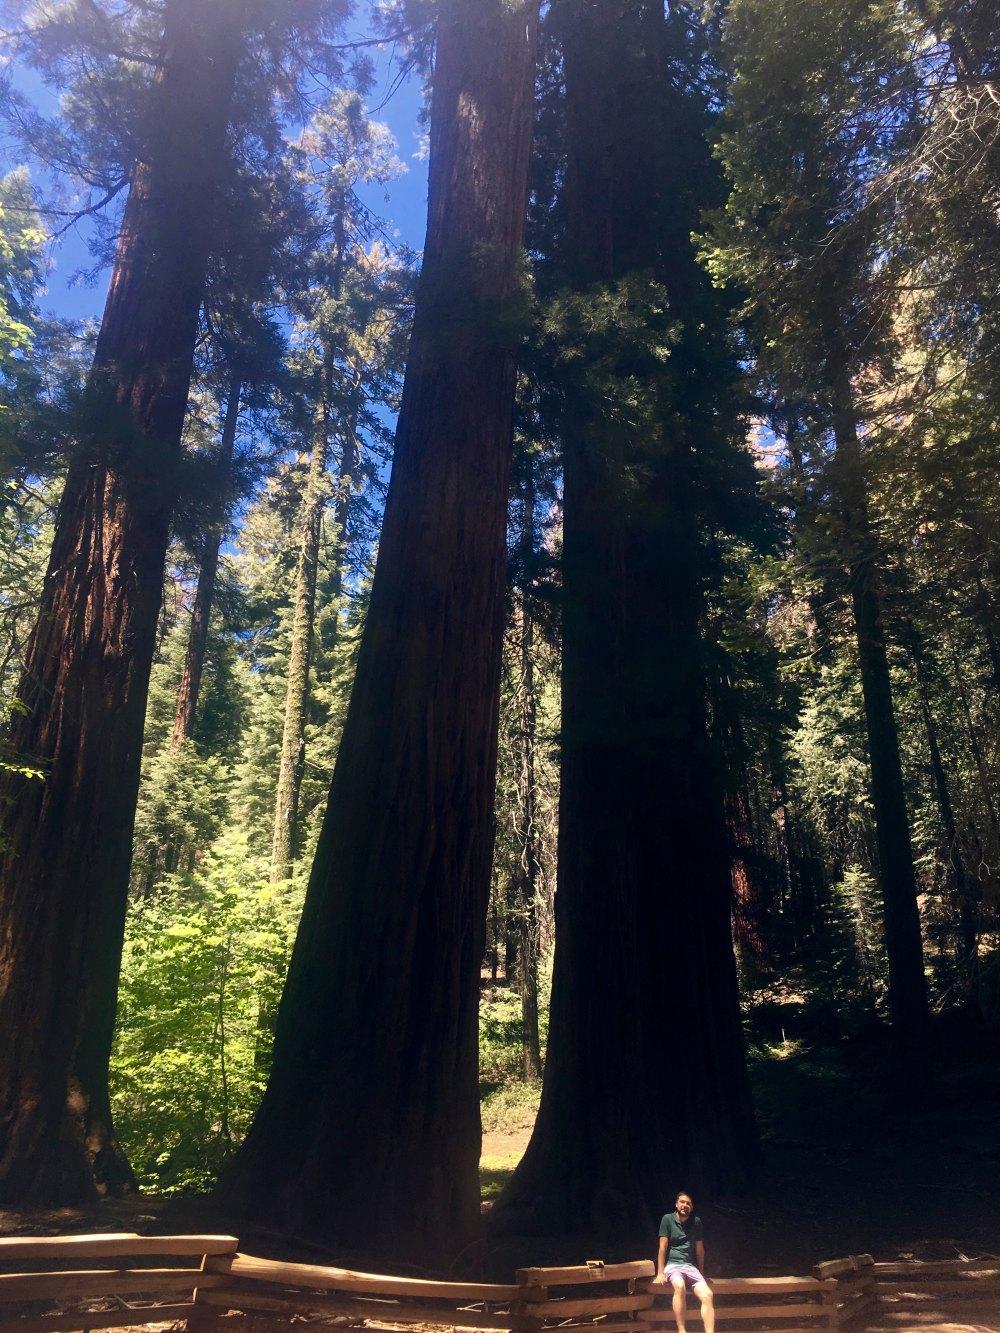 yosemite-sekoya-ağaçları-1